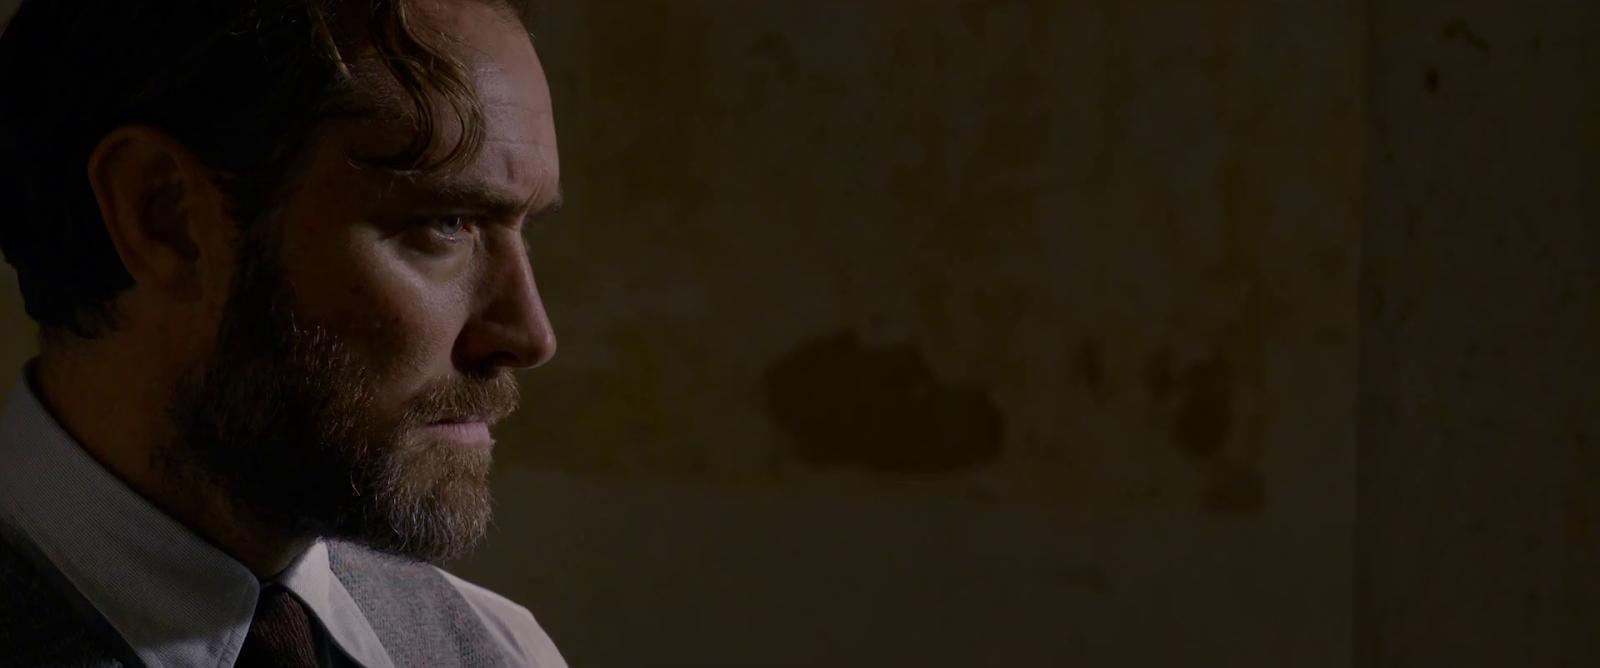 Assista agora o segundo trailer para Animais Fantásticos: Os Crimes de Grindelwald.